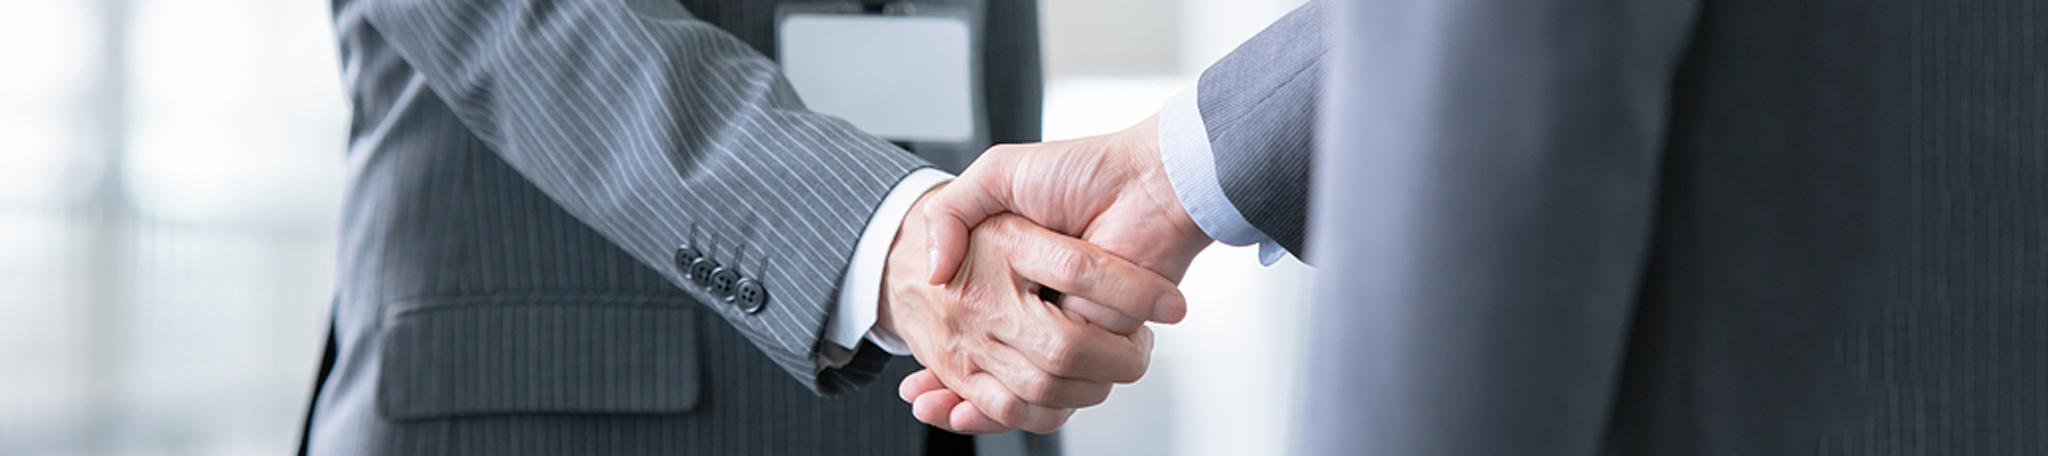 企業経営者のみなさまとともにアクサ生命は歩んでいきます。